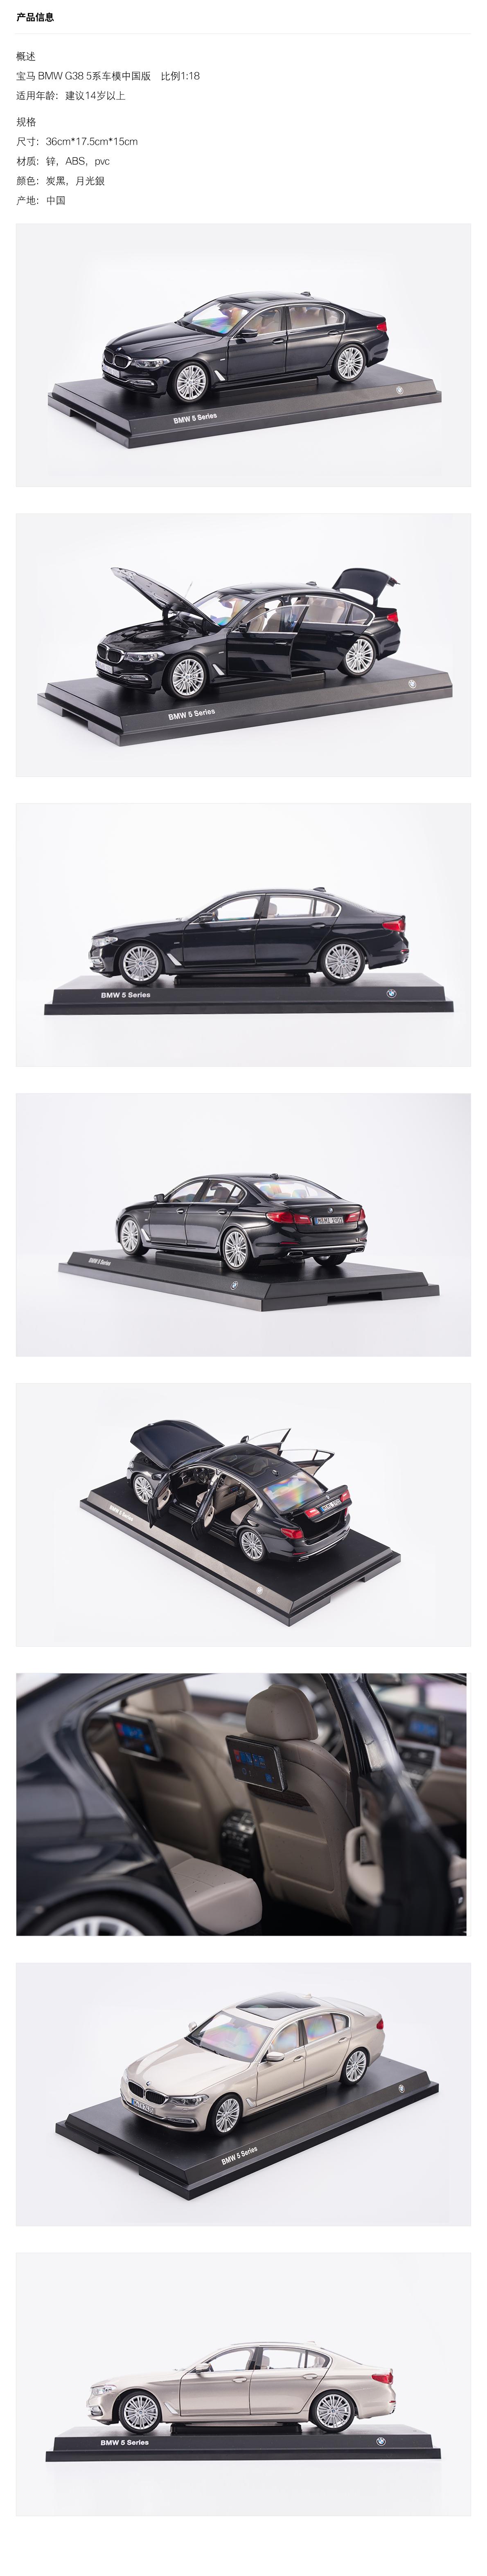 BMW G38 5系车模中国版 1:18 车模 月光银